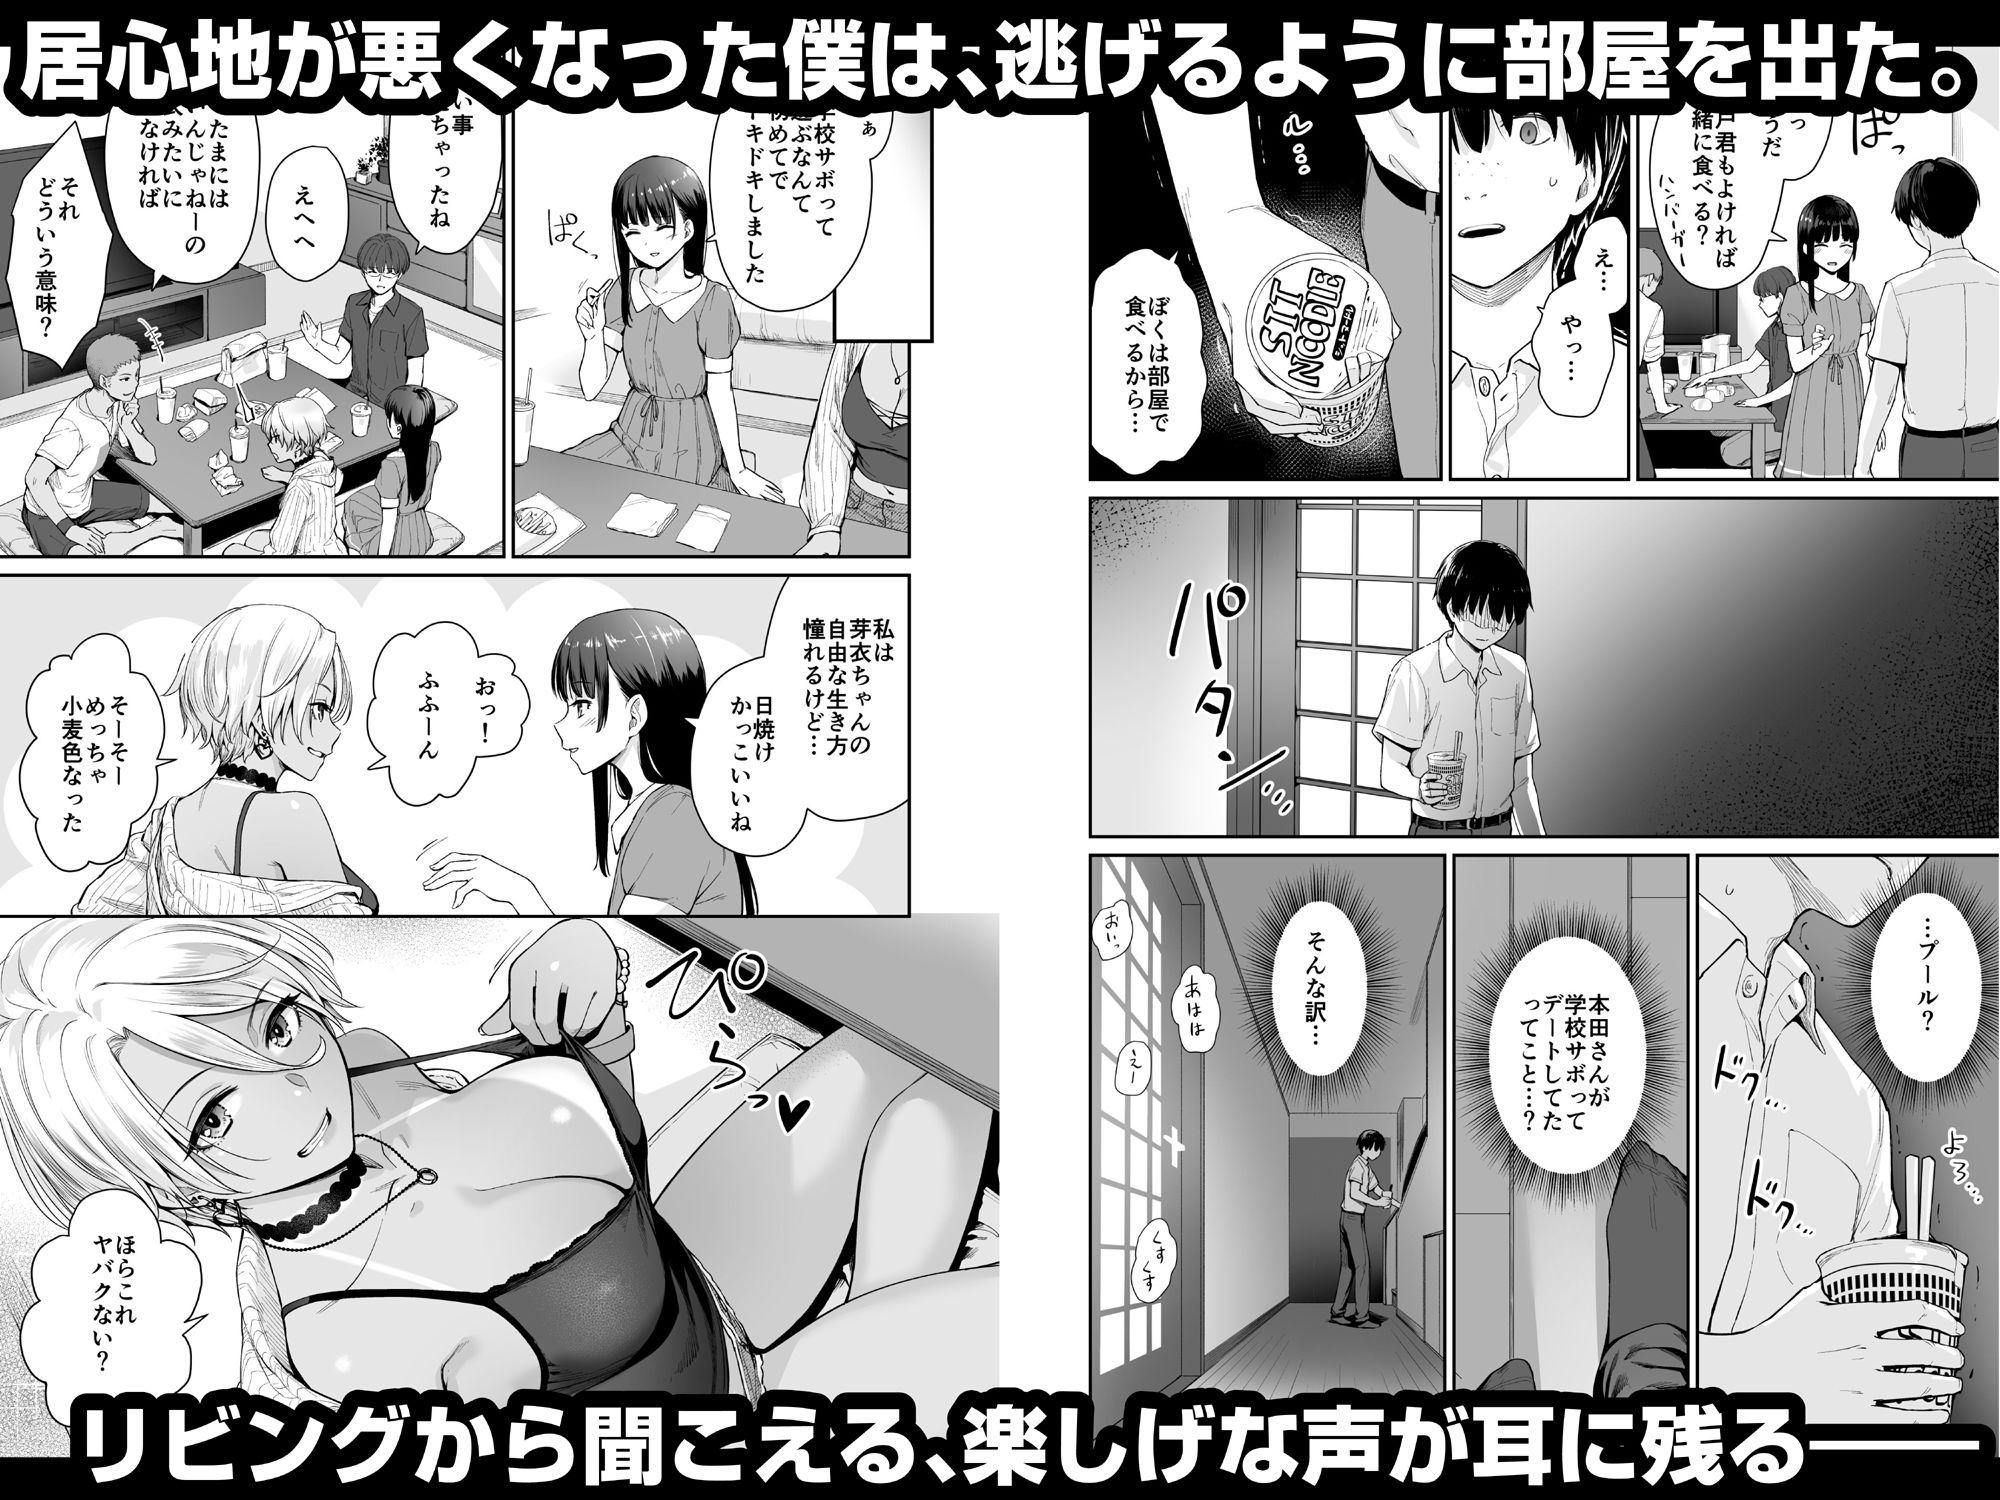 【エロ漫画】ぼくだけがセックスできない家 続編 著・紅村かる 【同人コミック】#8